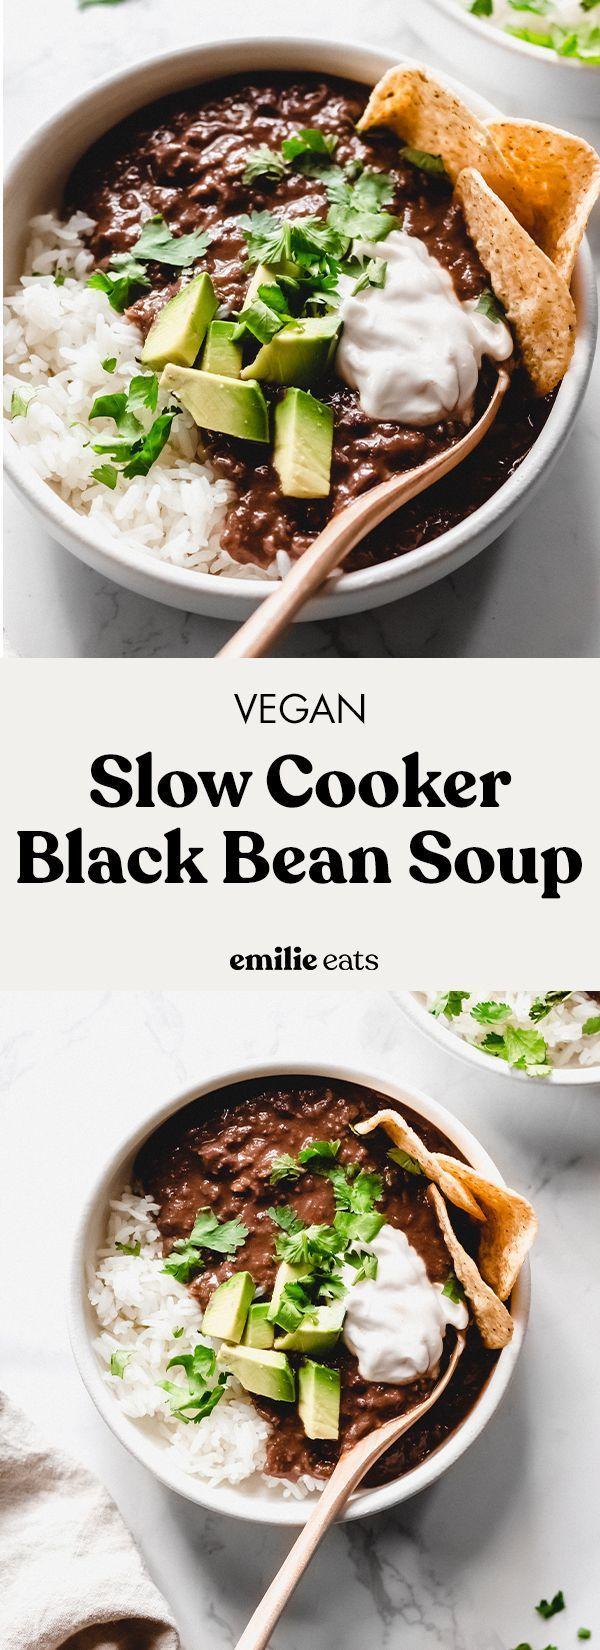 Photo of Vegan Slow Cooker Black Bean Soup – Emilie Eats